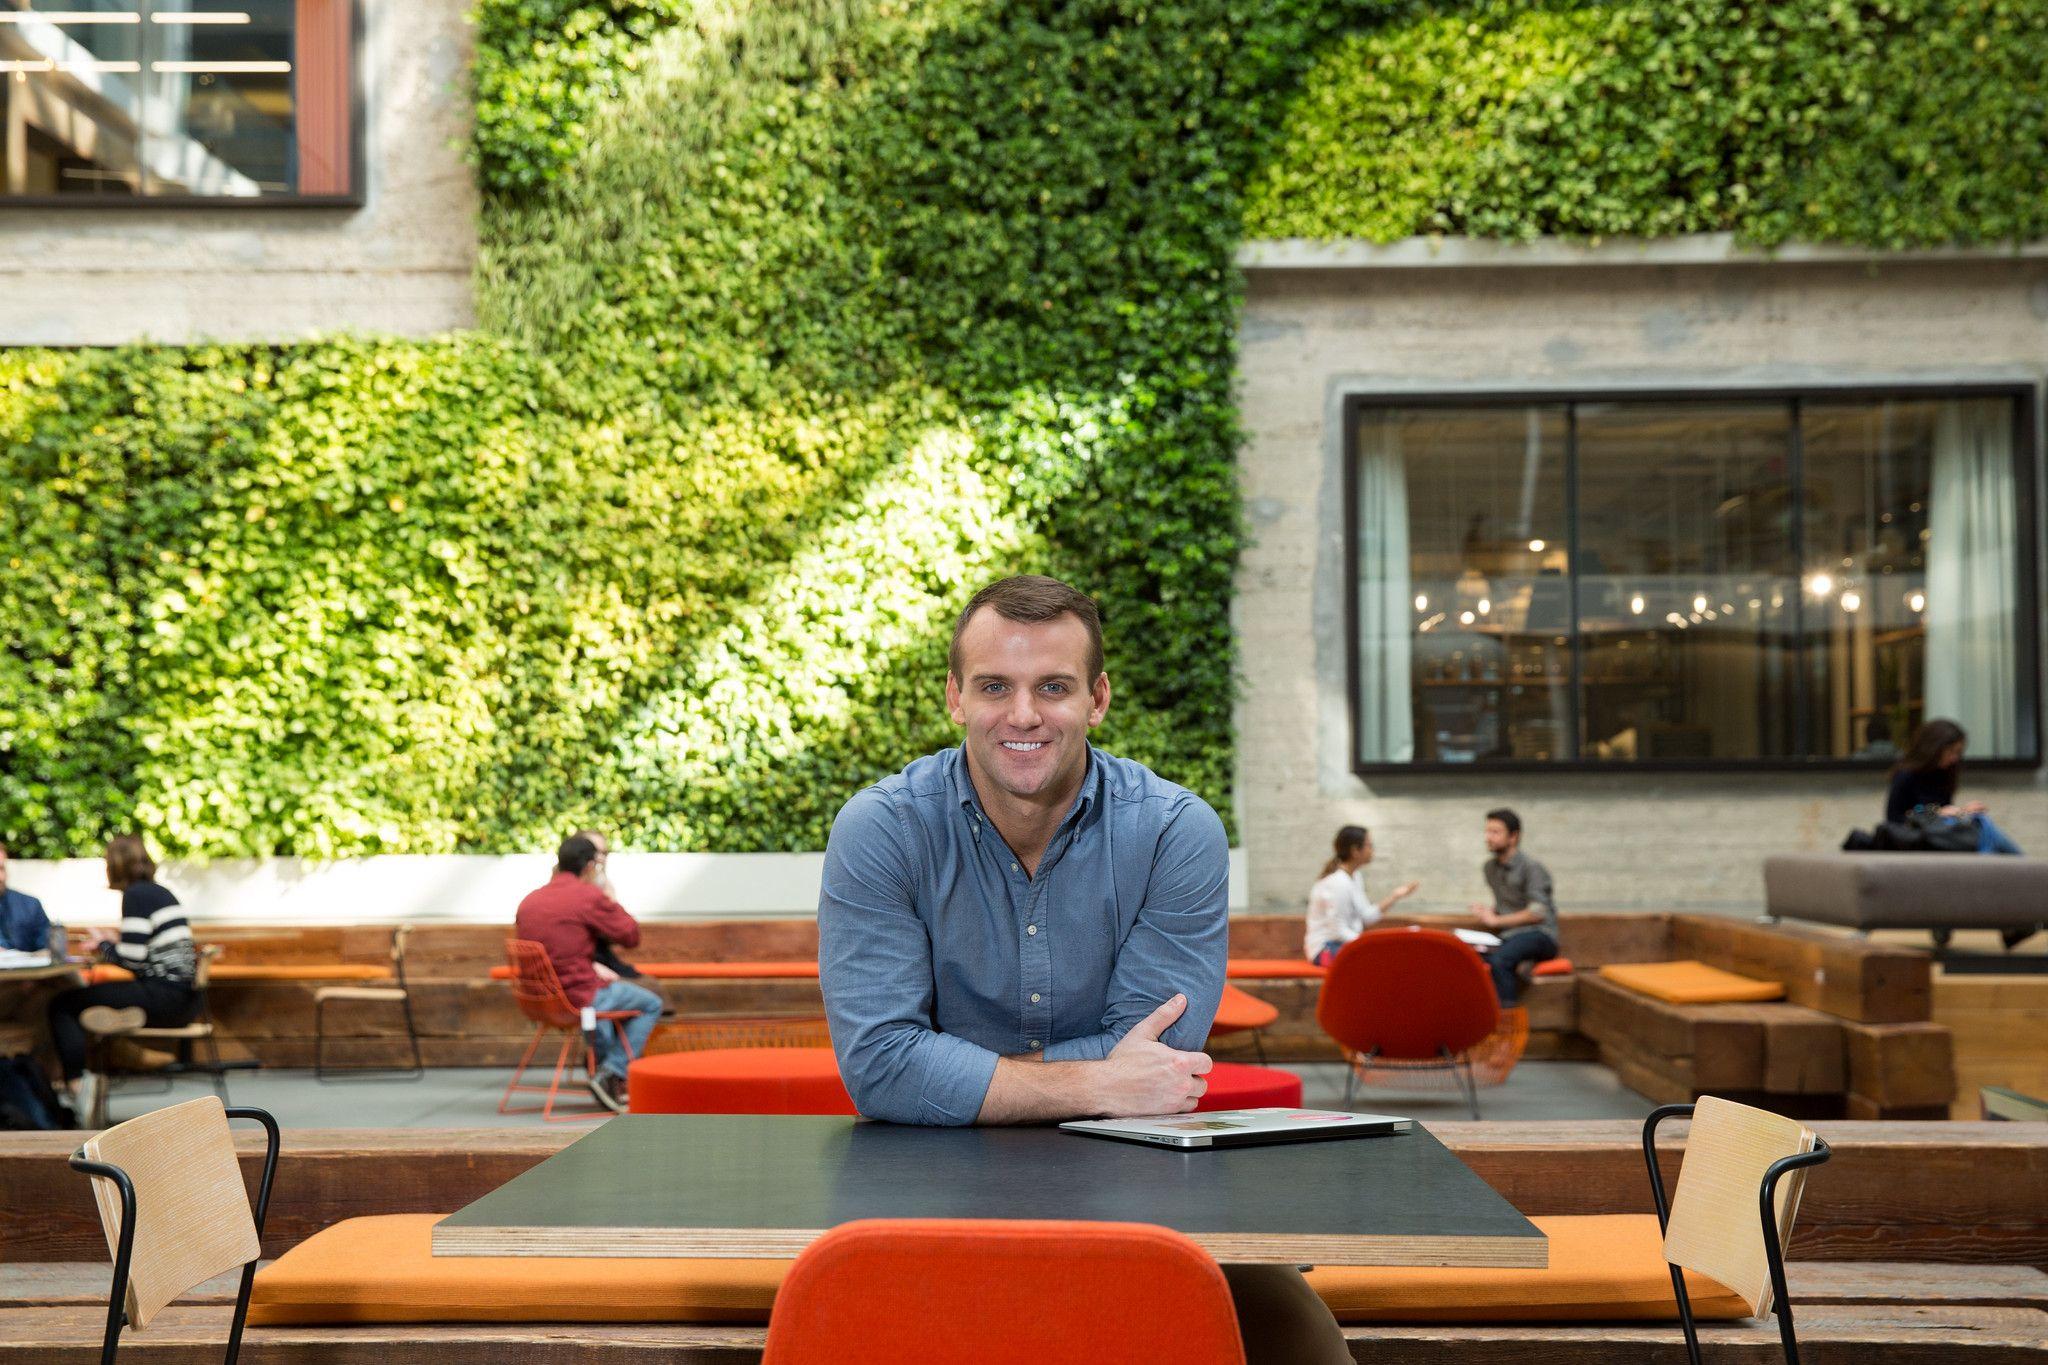 Pierce Neinken at Airbnb offices